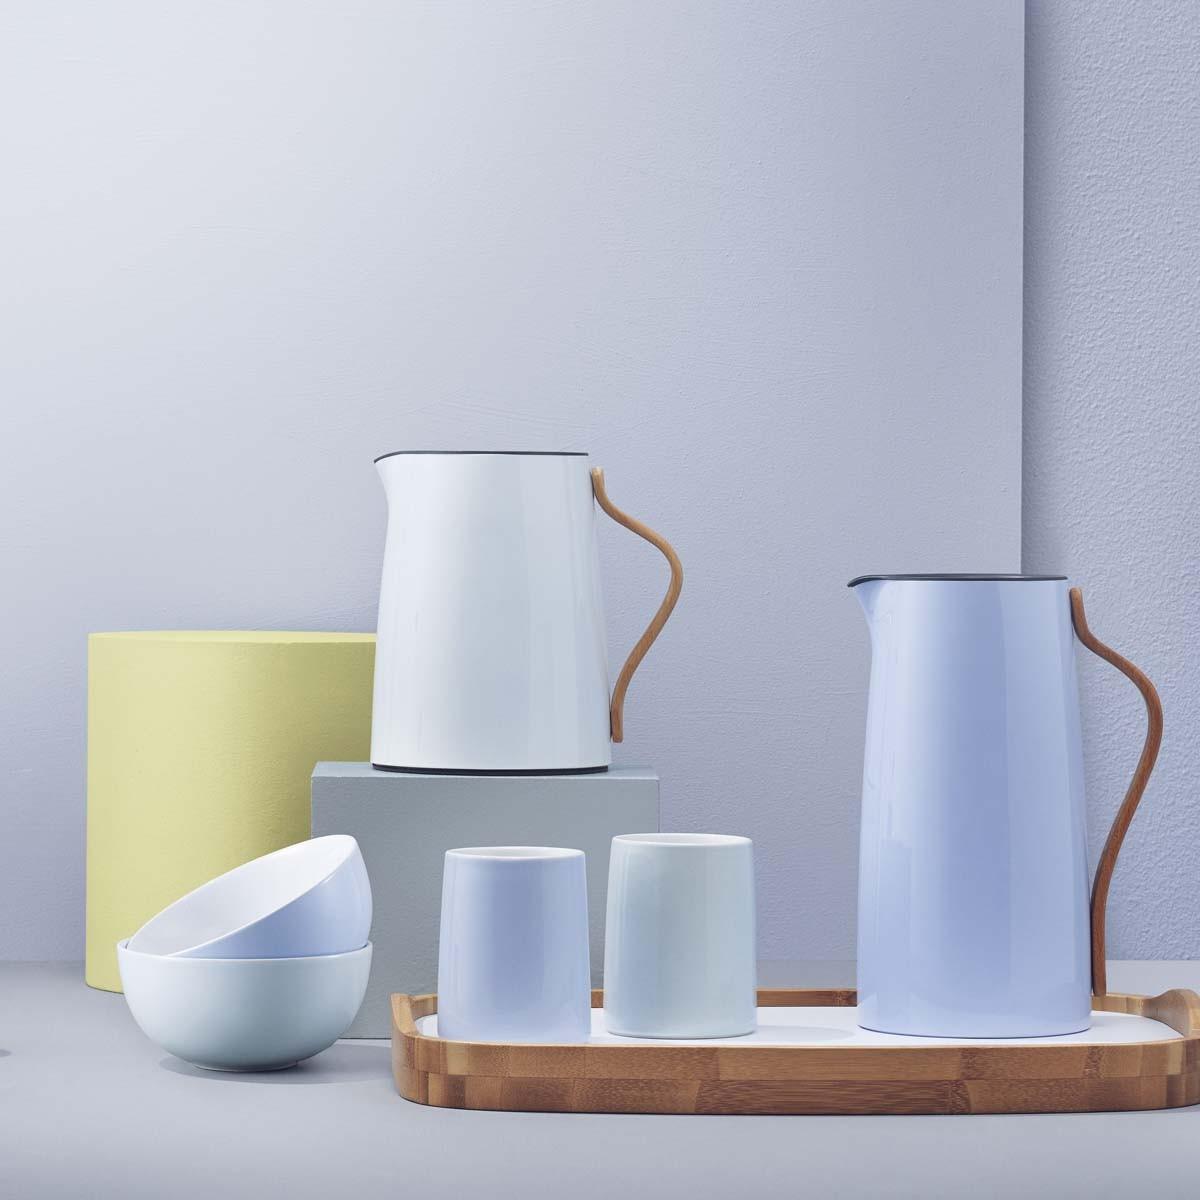 stelton emma 2er set thermobecher blau 0 2 liter speisen servieren geschirr tassen becher. Black Bedroom Furniture Sets. Home Design Ideas